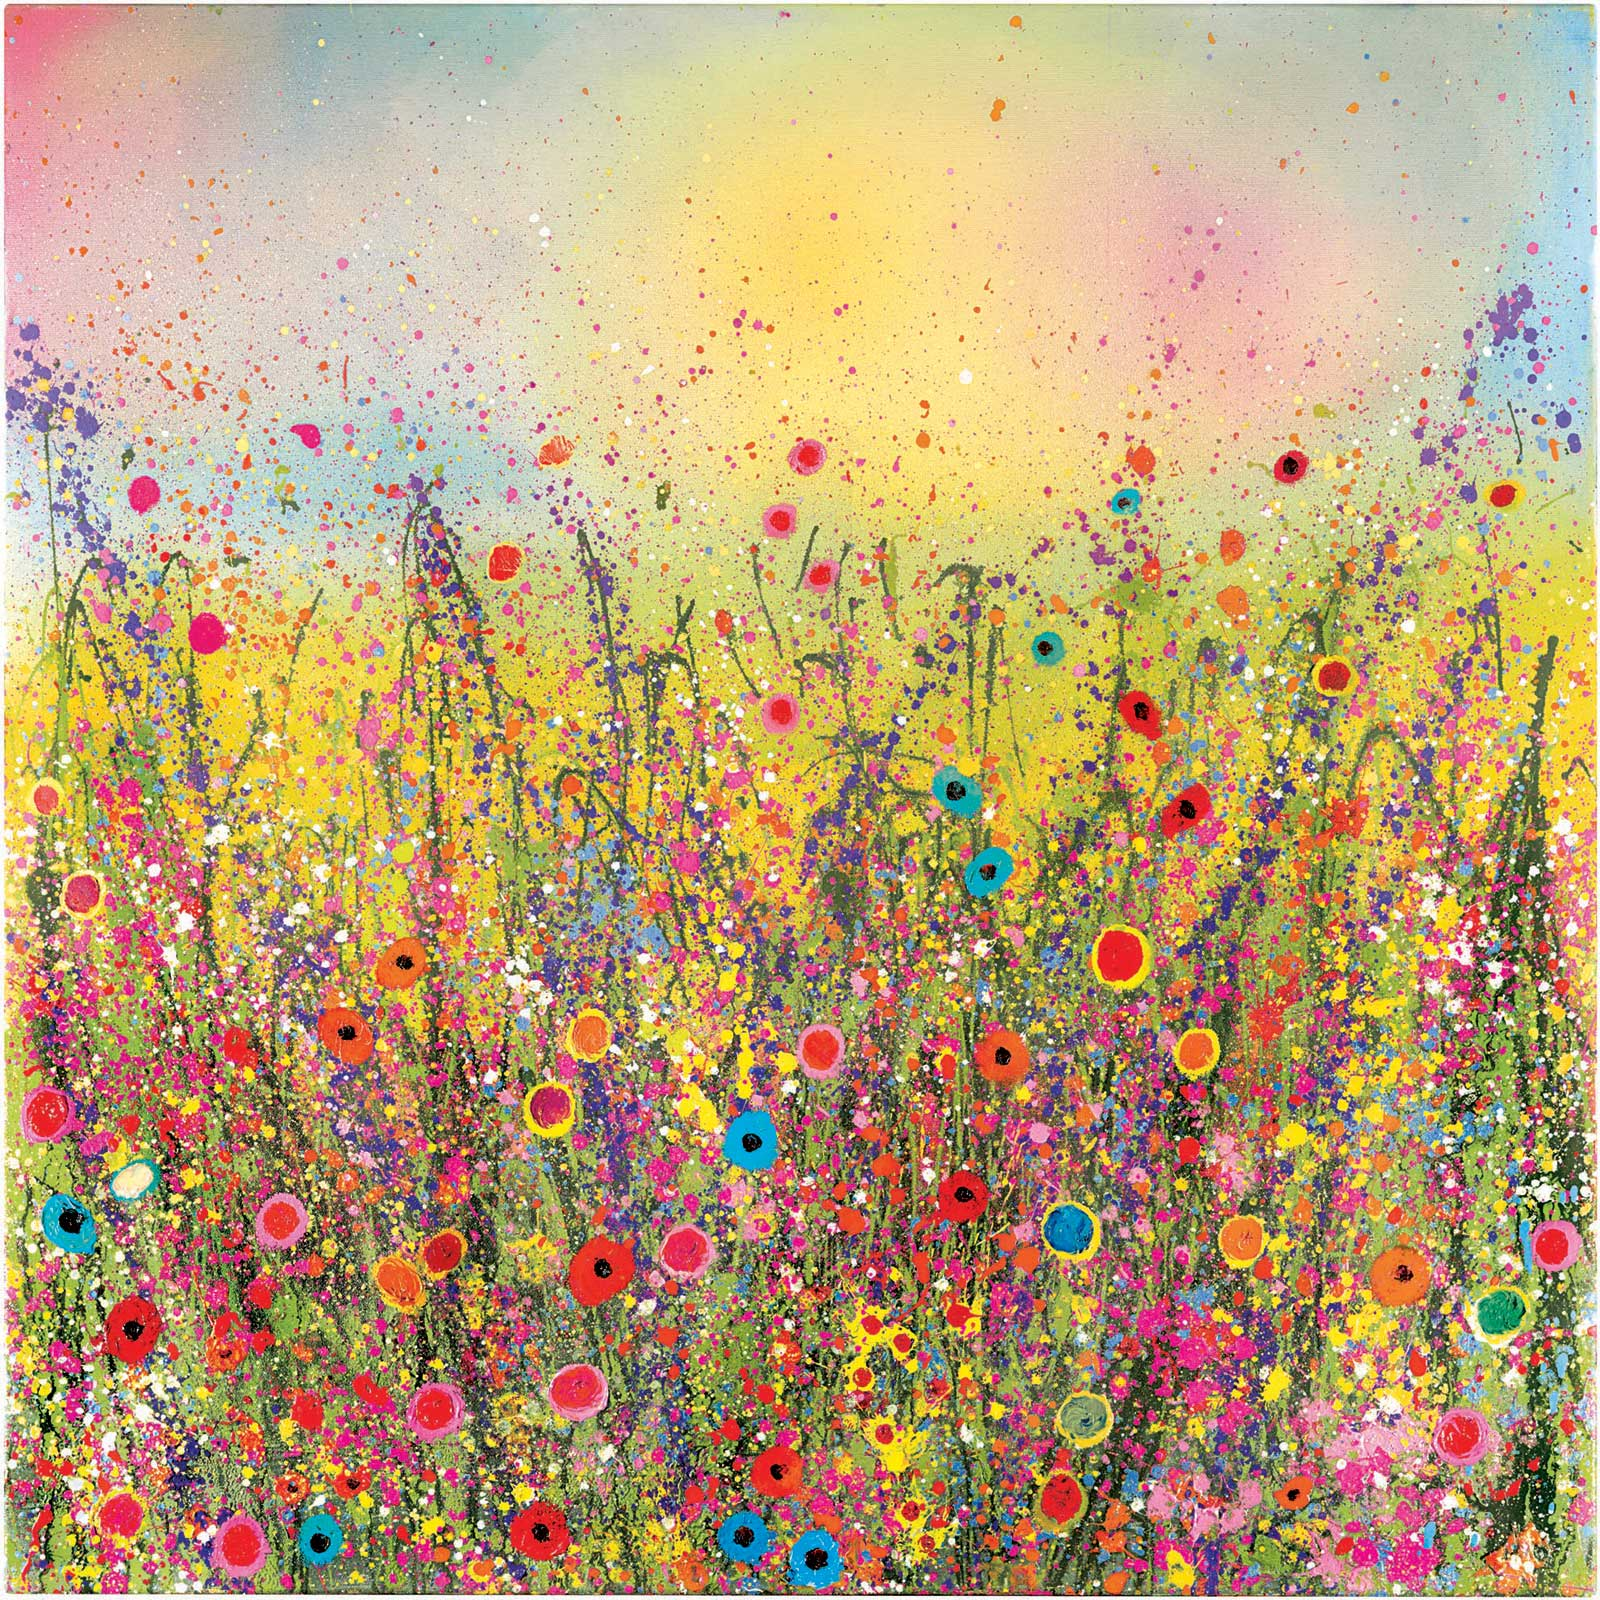 Midsummer Dreaming Flower Art